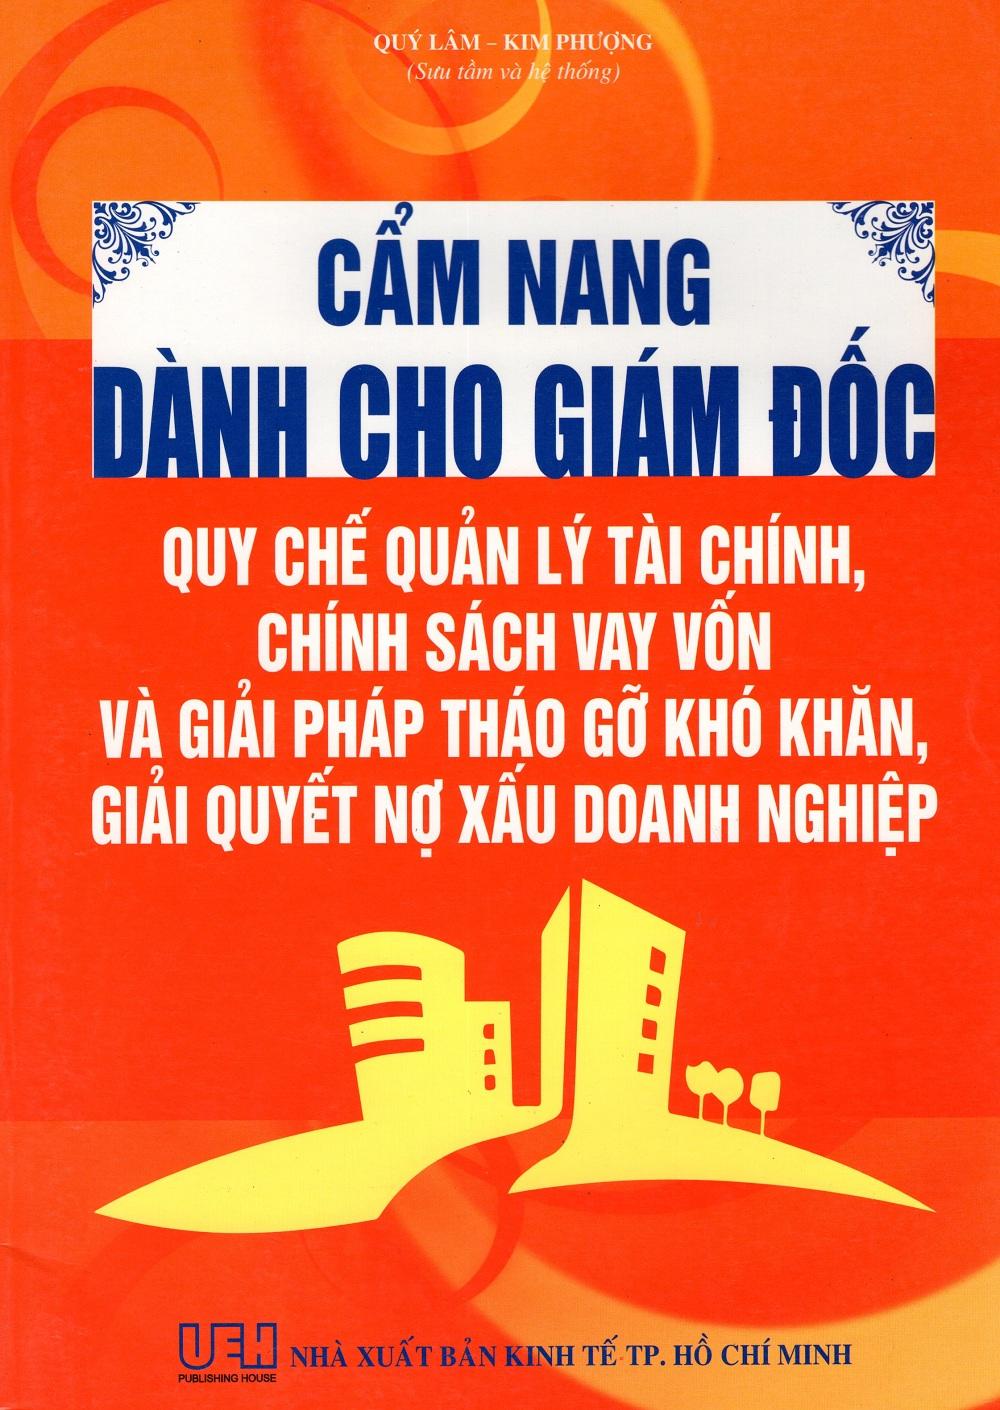 Cẩm Nang Dành Cho Giám Đốc Quy Chế Quản Lý Tài Chính, Chính Sách Vay Vốn Và Giải Pháp Tháo Gỡ Khó Khăn, Giải... - 2385494456105,62_1107166,350000,tiki.vn,Cam-Nang-Danh-Cho-Giam-Doc-Quy-Che-Quan-Ly-Tai-Chinh-Chinh-Sach-Vay-Von-Va-Giai-Phap-Thao-Go-Kho-Khan-Giai...-62_1107166,Cẩm Nang Dành Cho Giám Đốc Quy Chế Quản Lý Tài Chính, Chính Sách Vay Vốn Và Giải Pháp Thá